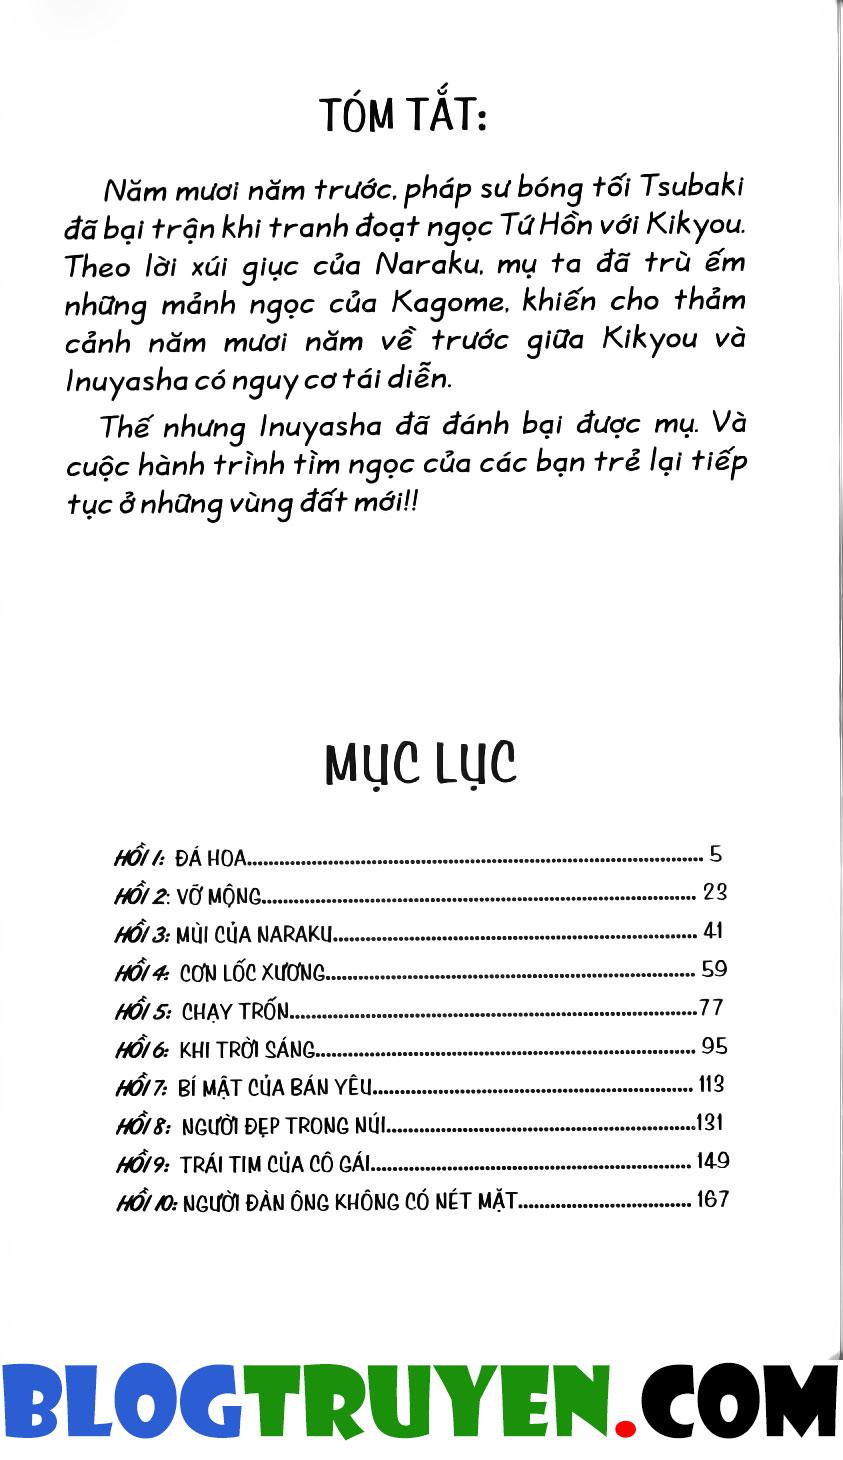 Inuyasha vol 21.1 trang 3